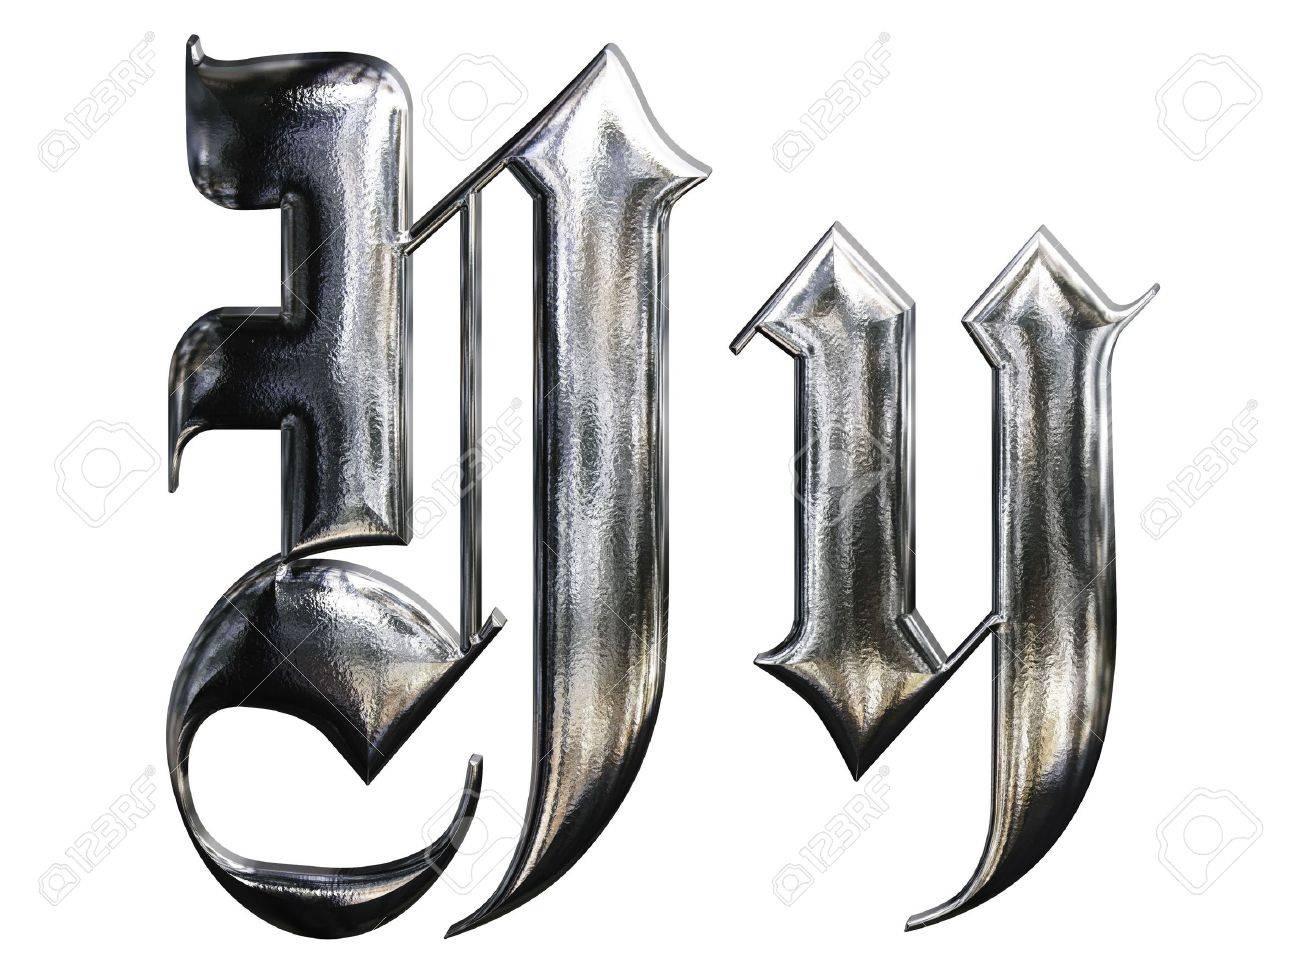 Metallic patterned letter of german gothic alphabet font. Letter Y Standard-Bild - 4701744